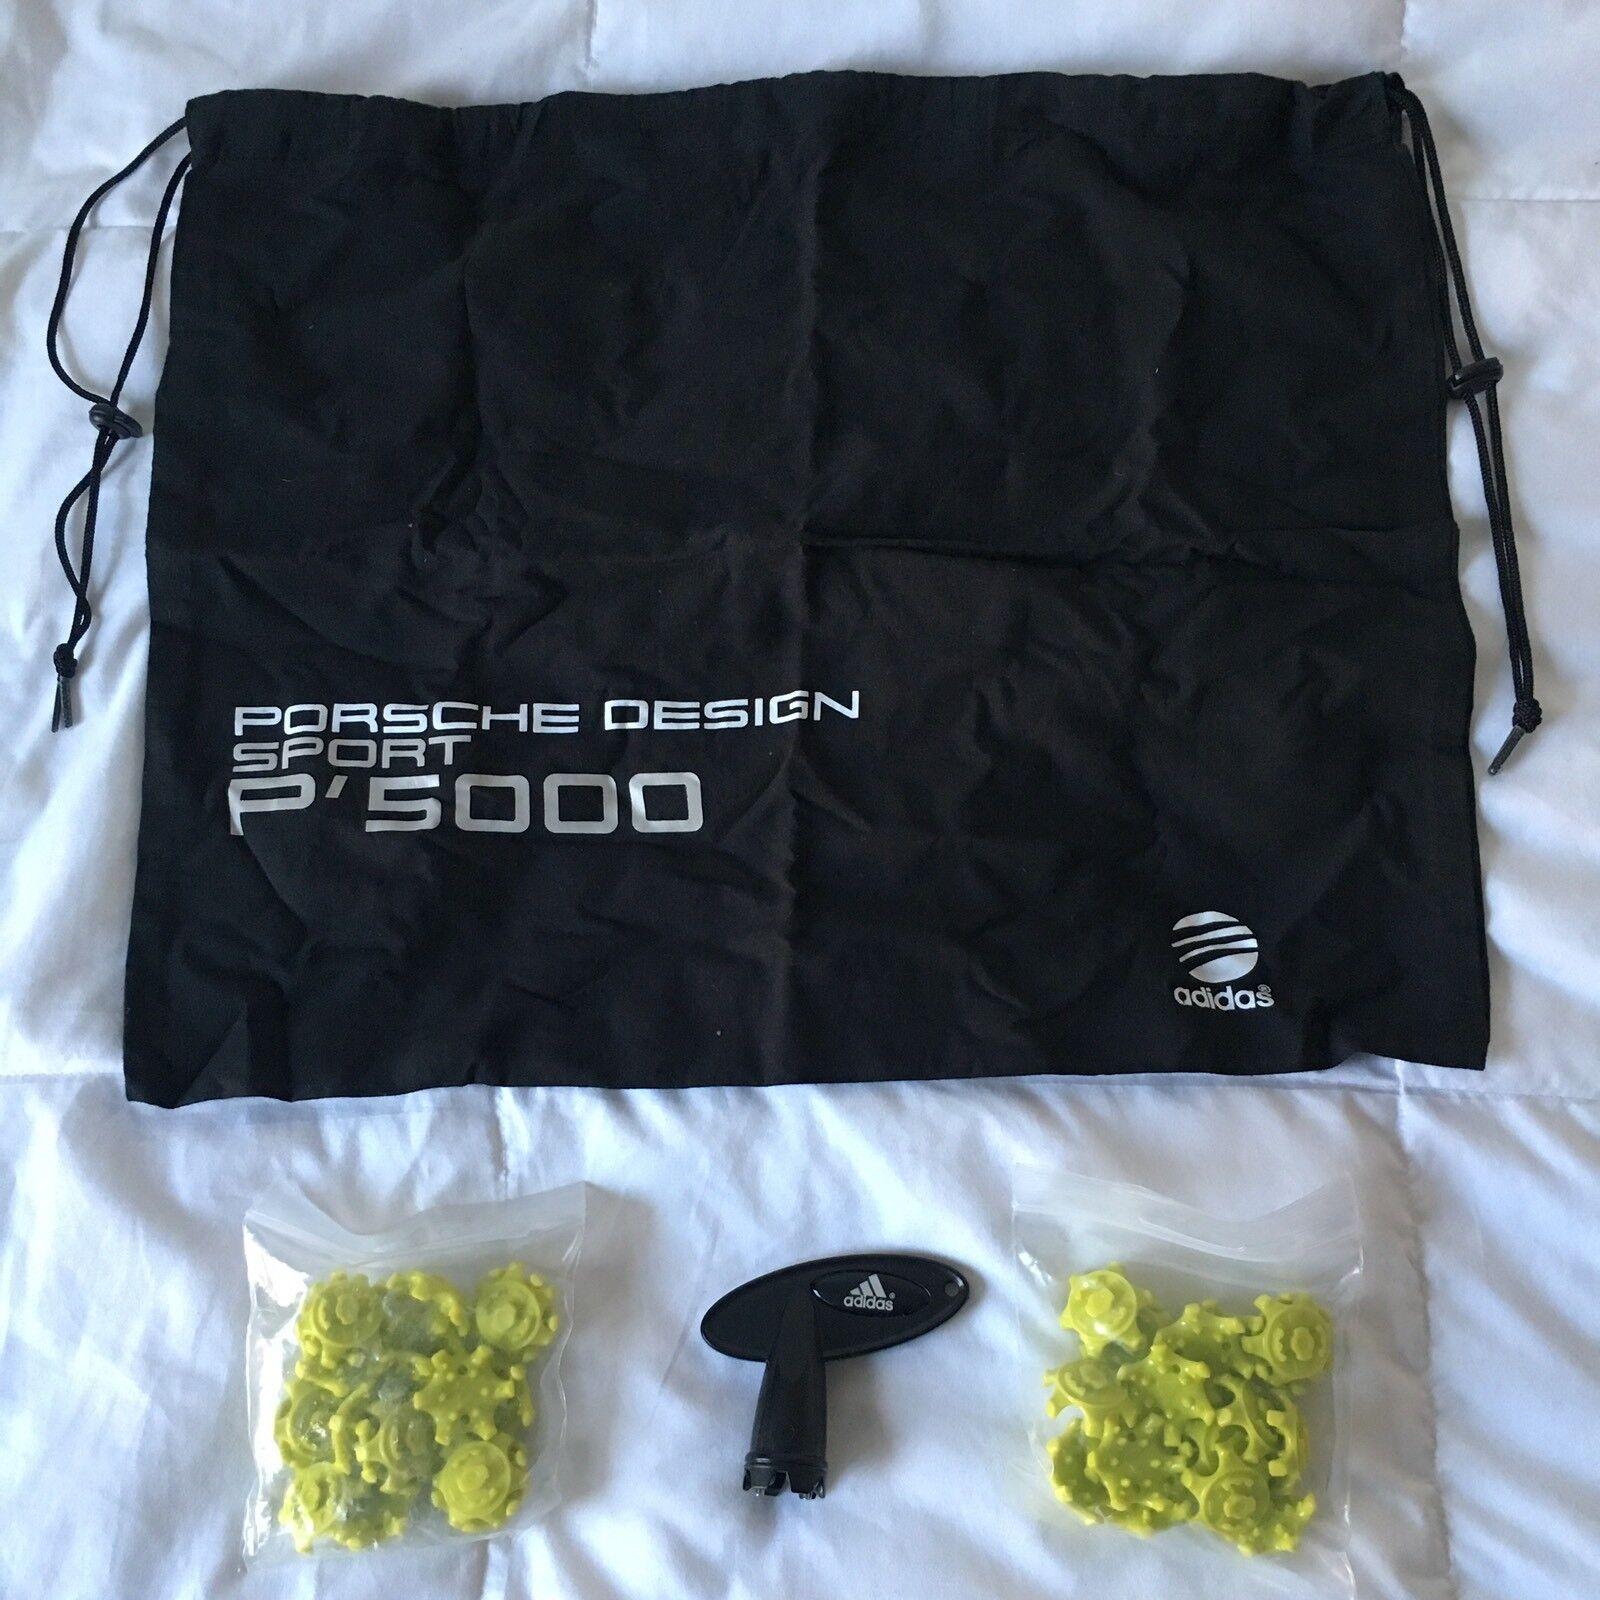 finest selection 72850 0e918 ... Adidas x x x Porche Design Sport gold Cleats, Men s US 8.5, NEW w  Extras 18106d ...